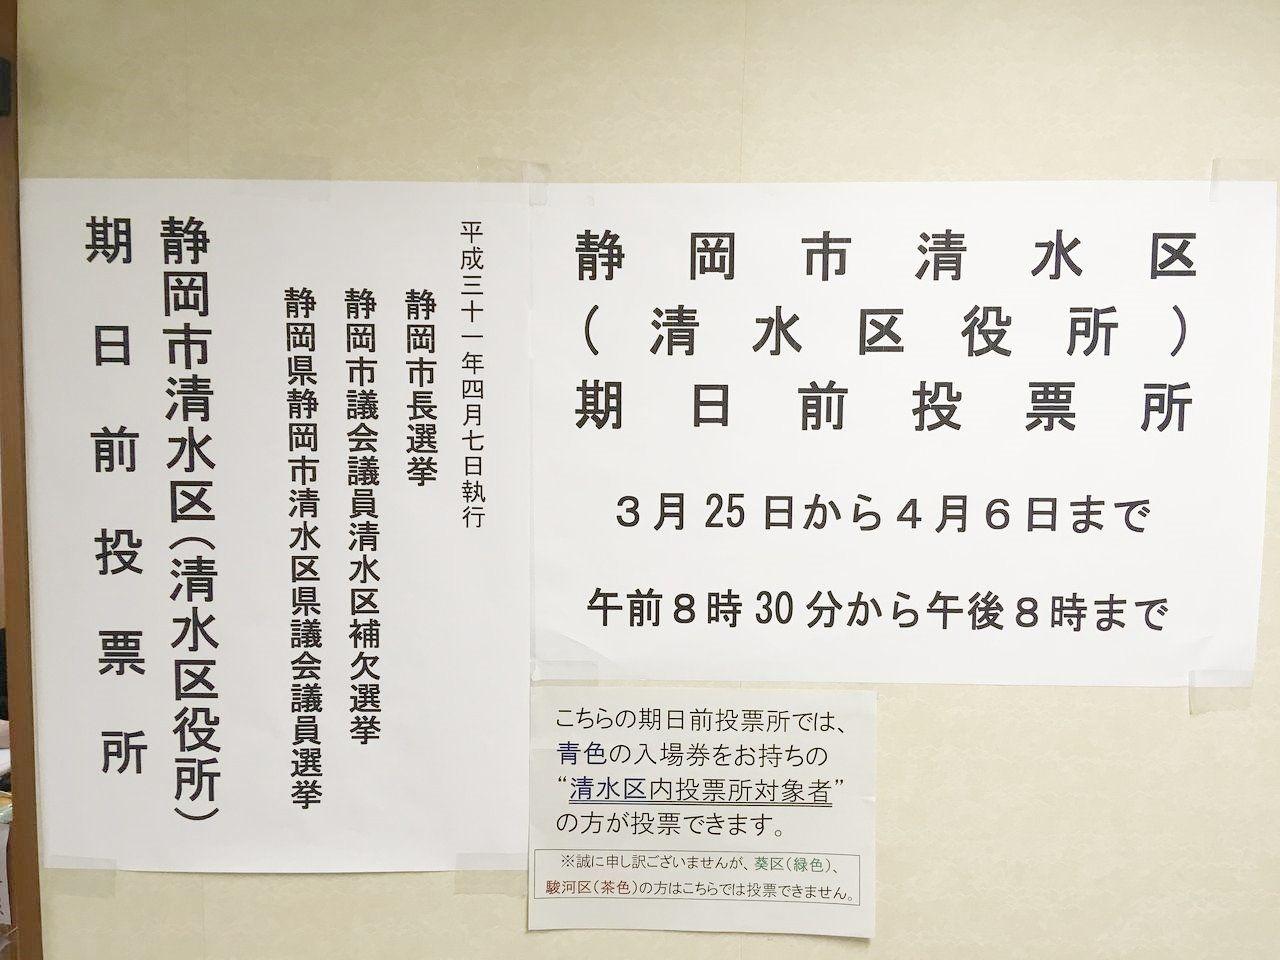 統一地方選挙の静岡市清水区役所の期日前投票所の案内ポスター